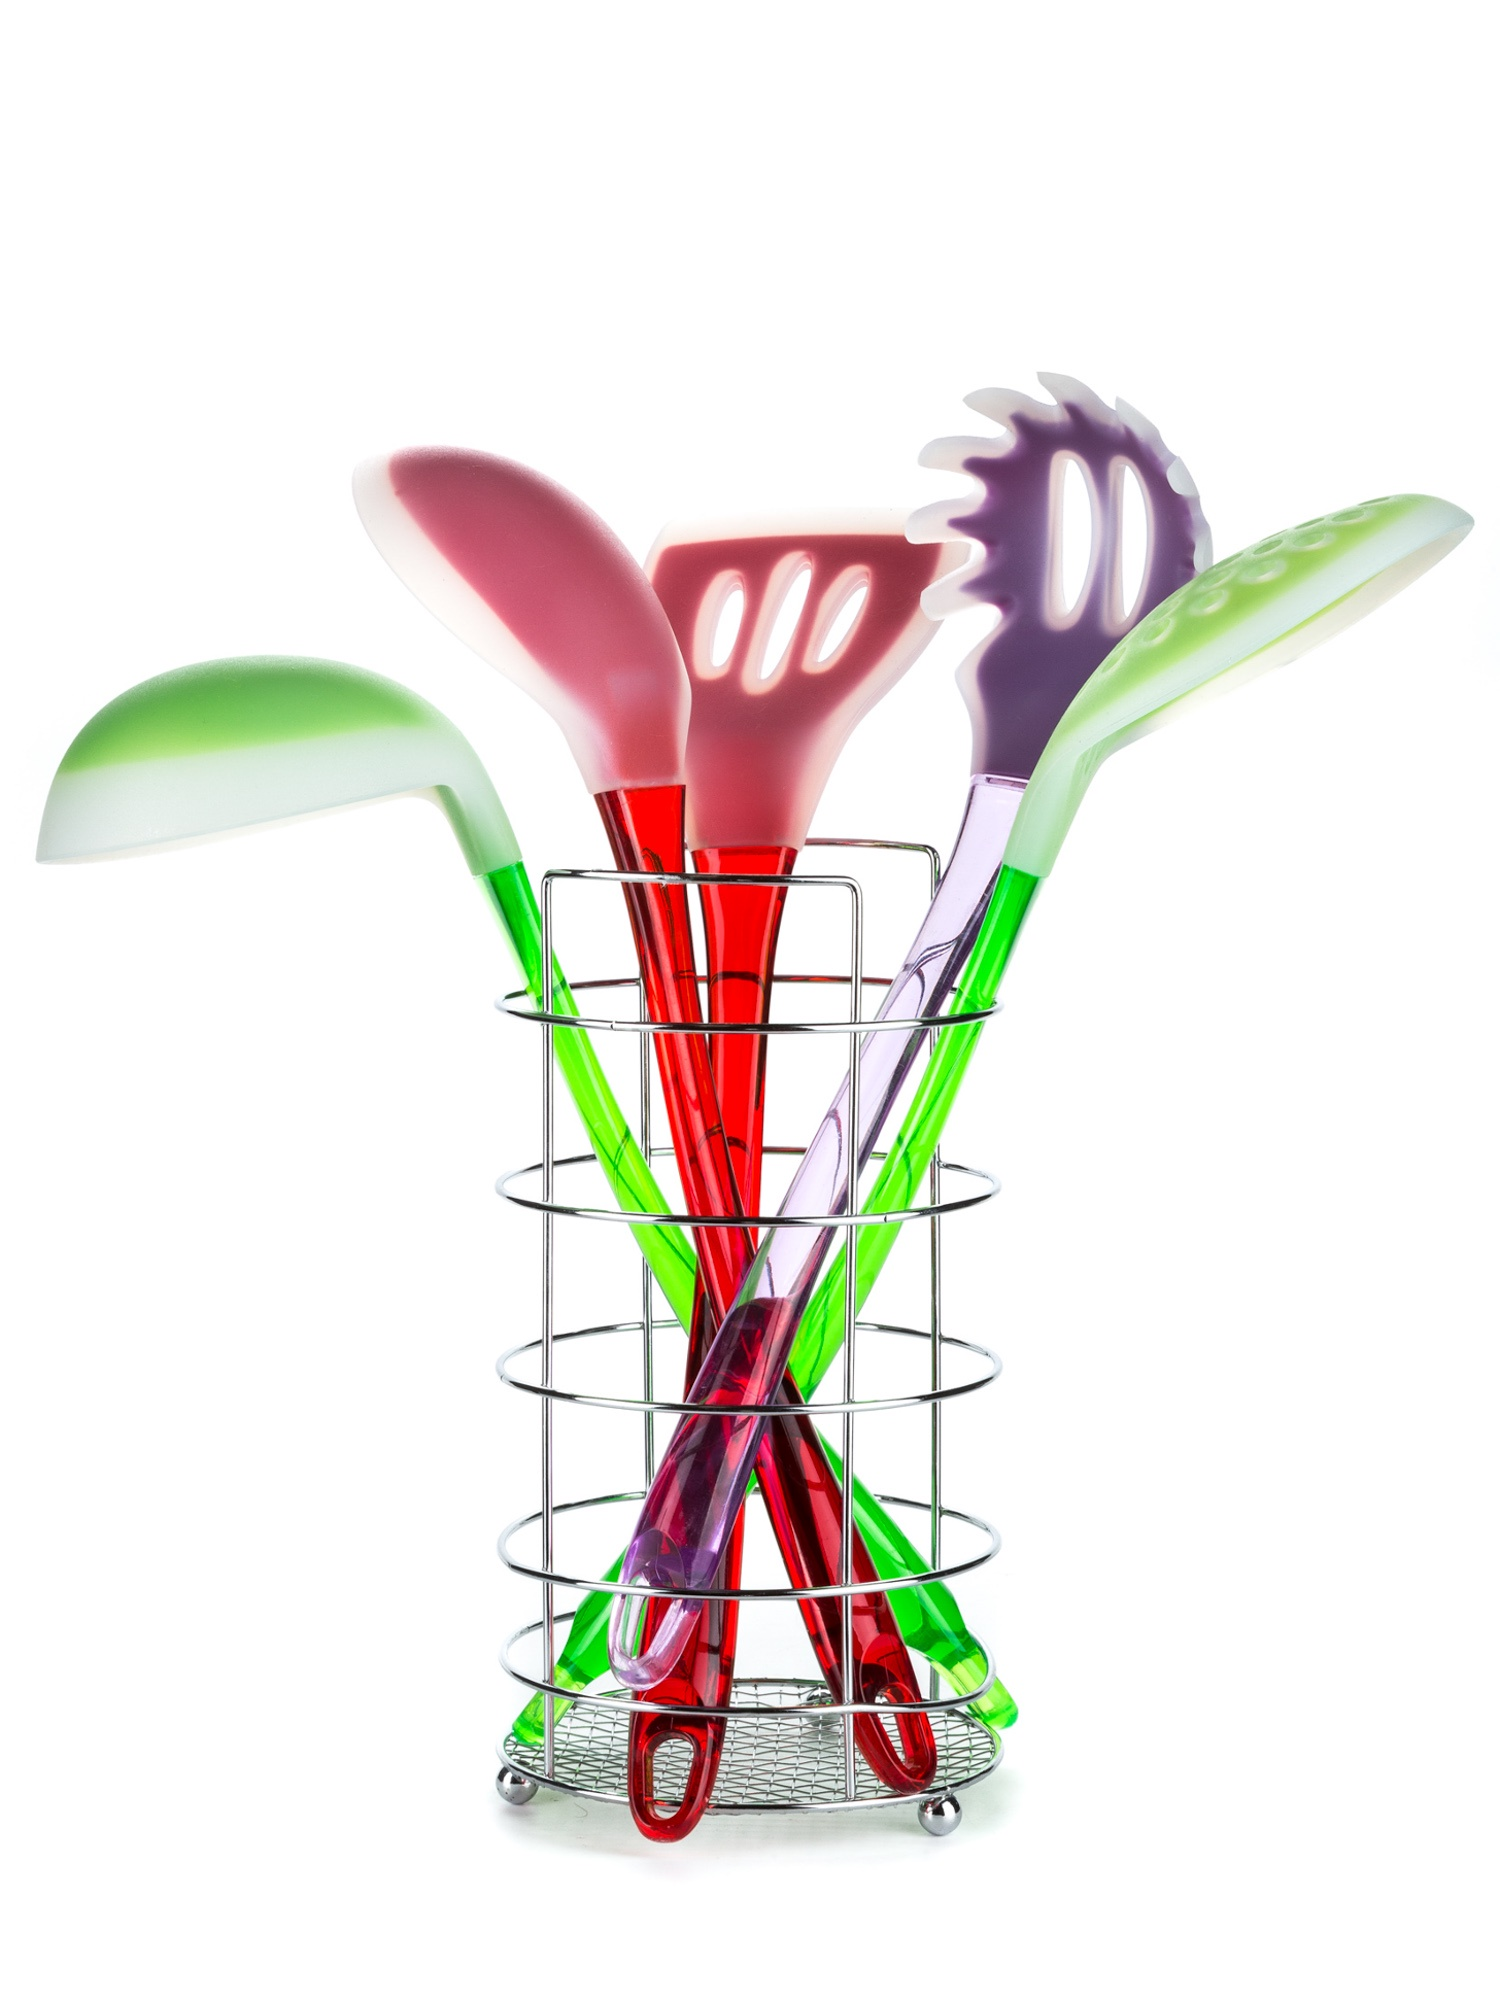 Набор кухонных принадлежностей Simple Pleasures набор кухонных принадлежностей super kristal sk 3688